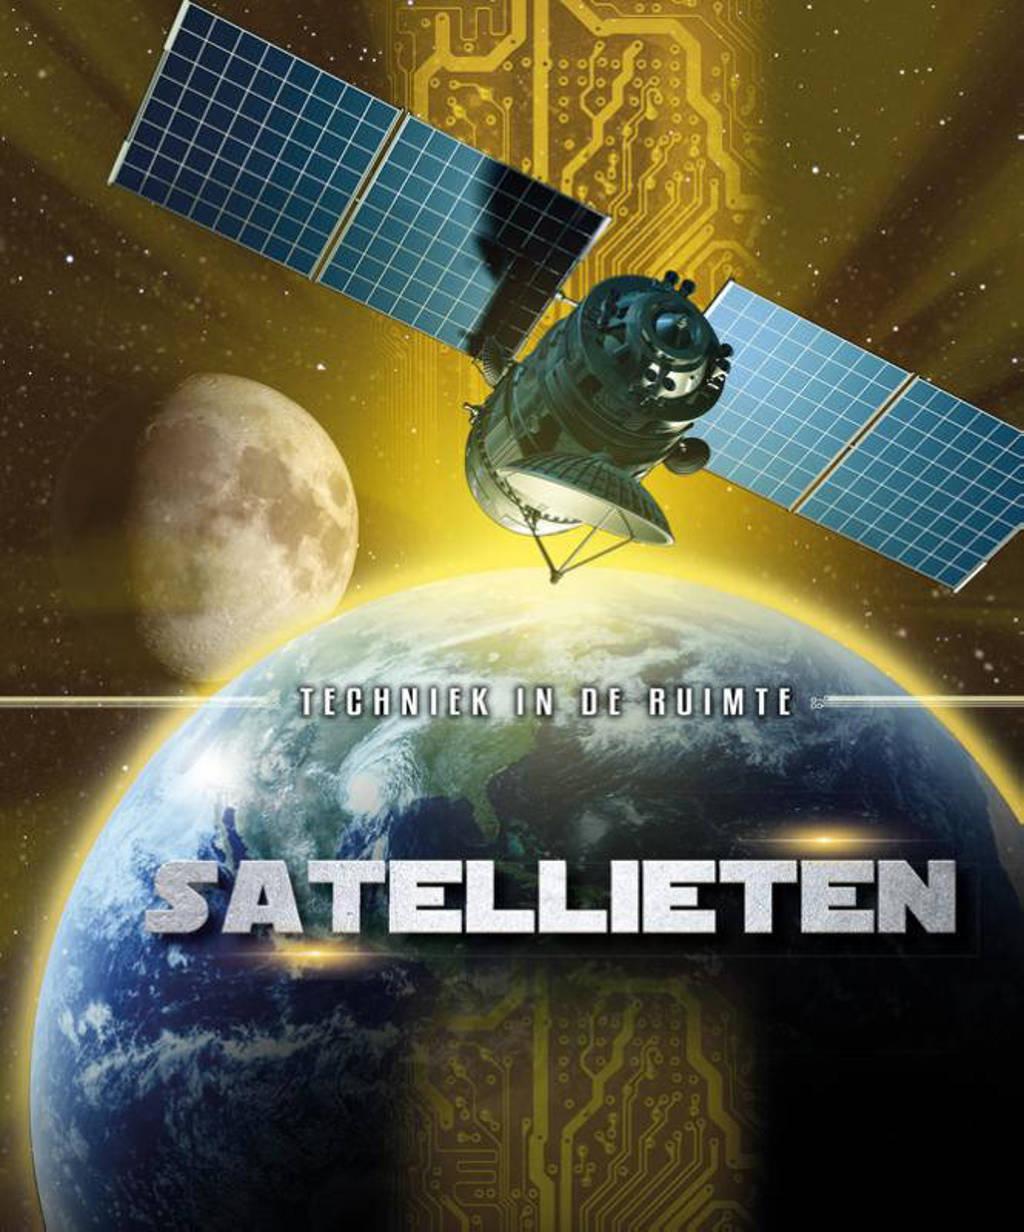 Techniek in de ruimte: Satellieten - Allan Morey